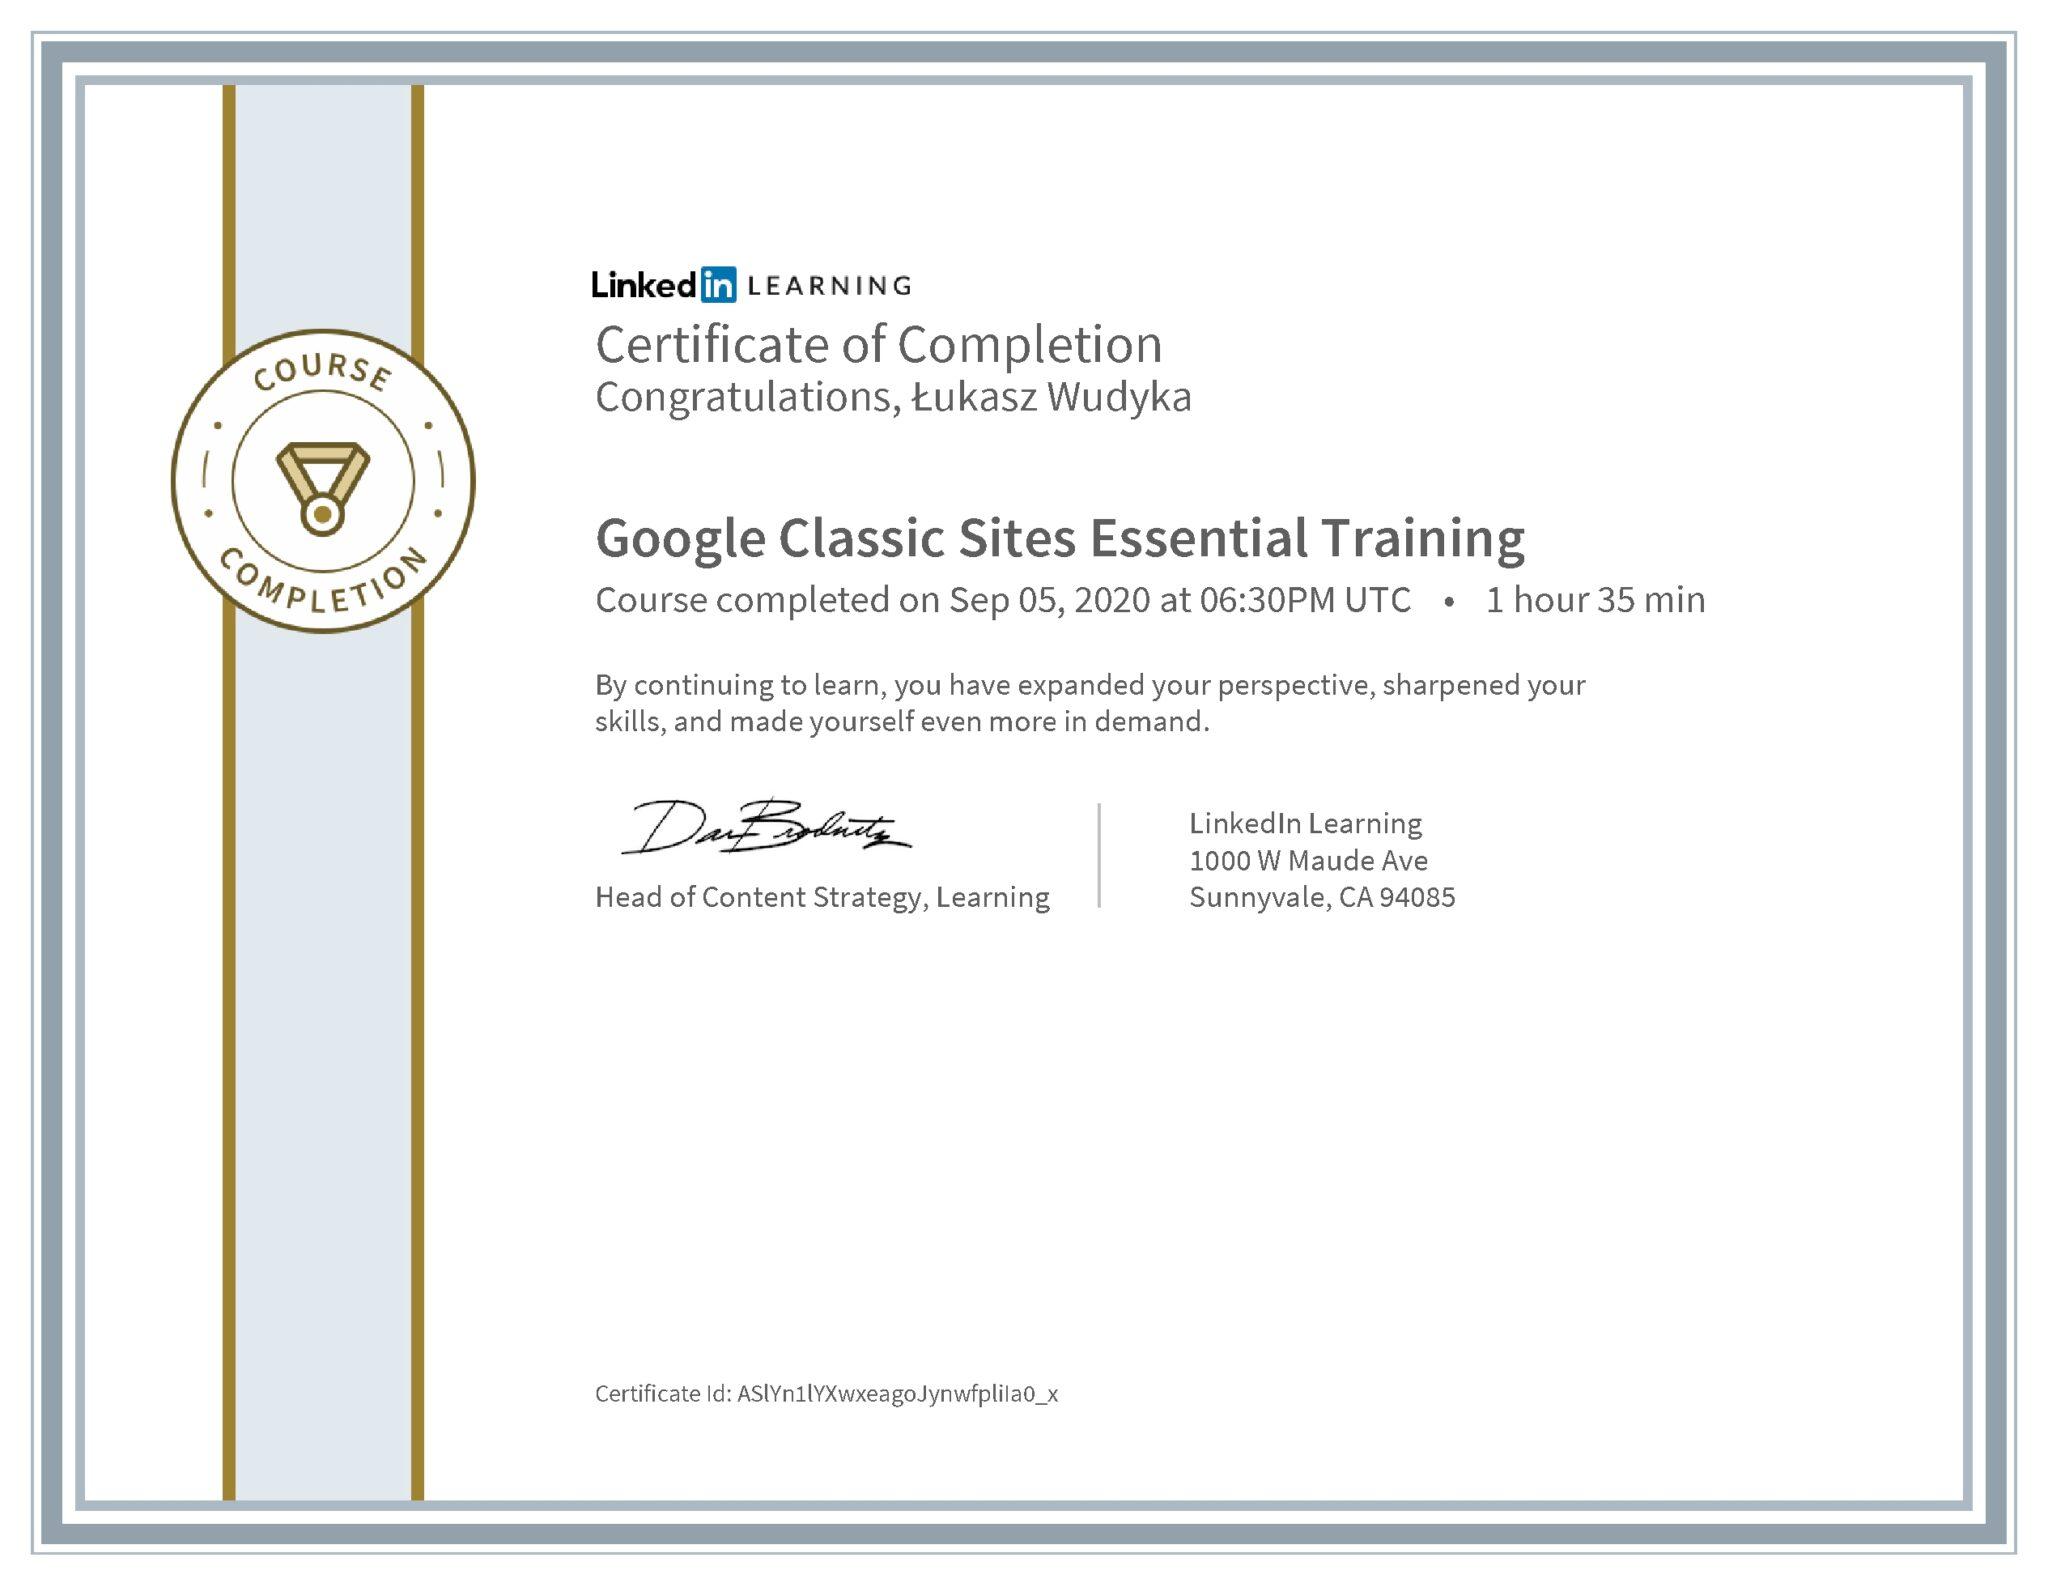 Łukasz Wudyka certyfikat LinkedIn Google Classic Sites Essential Training